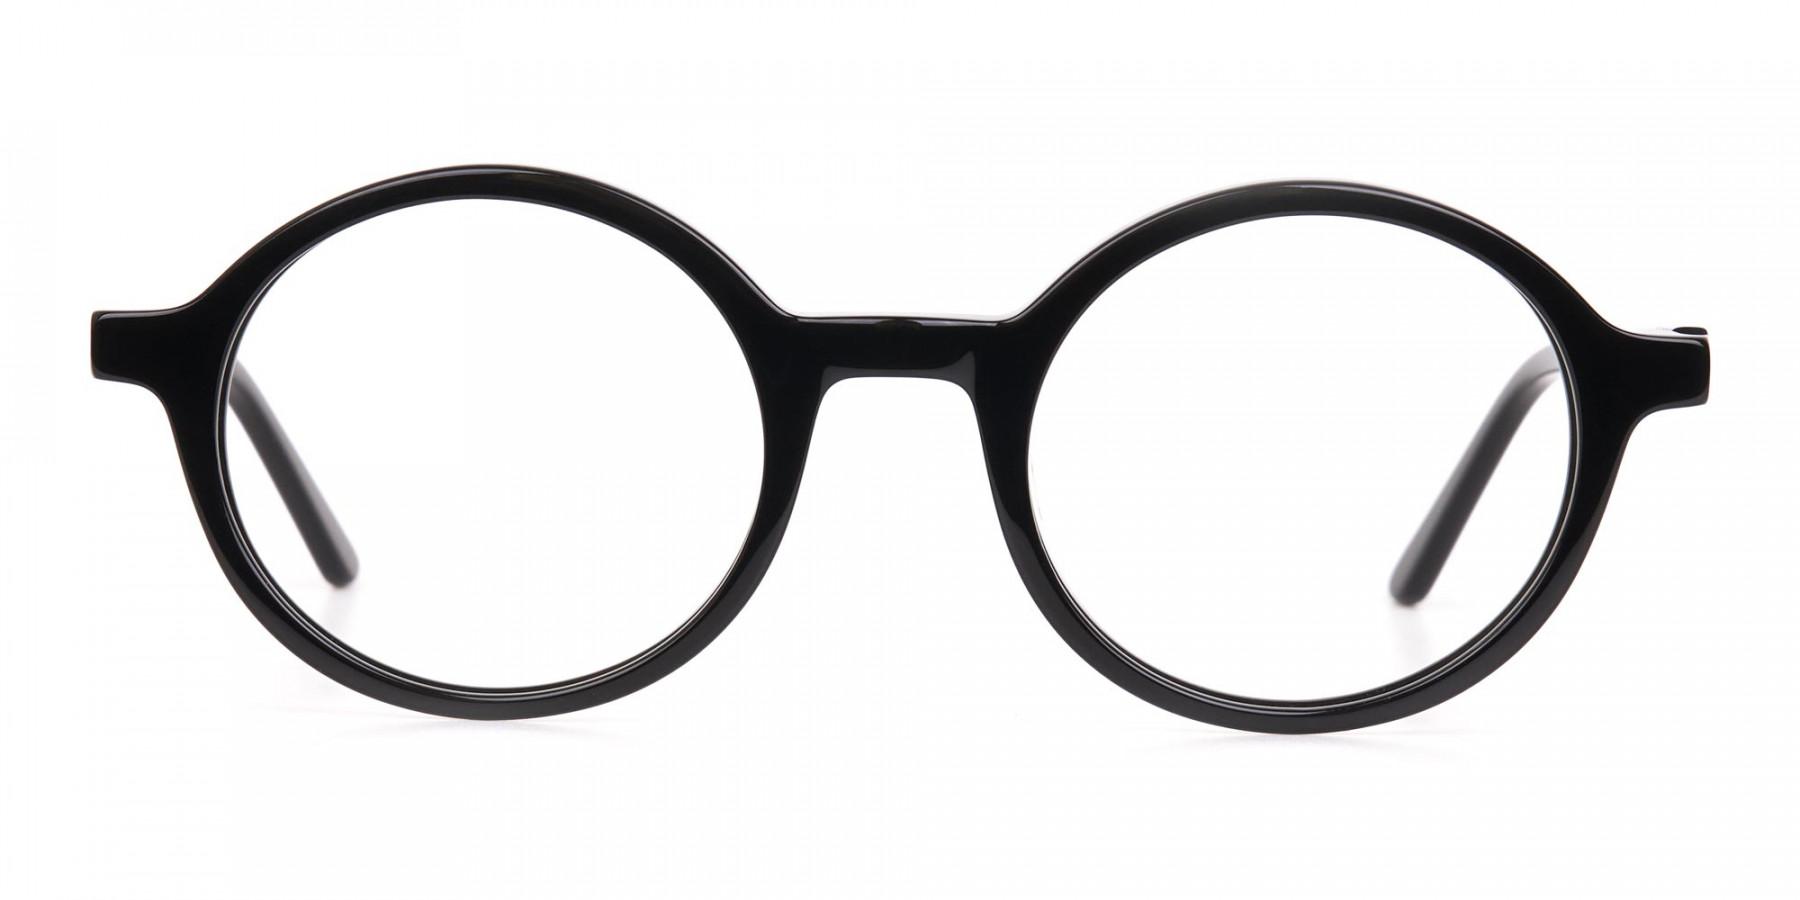 Black Round Acetate Eyeglasses Frame Unisex-1